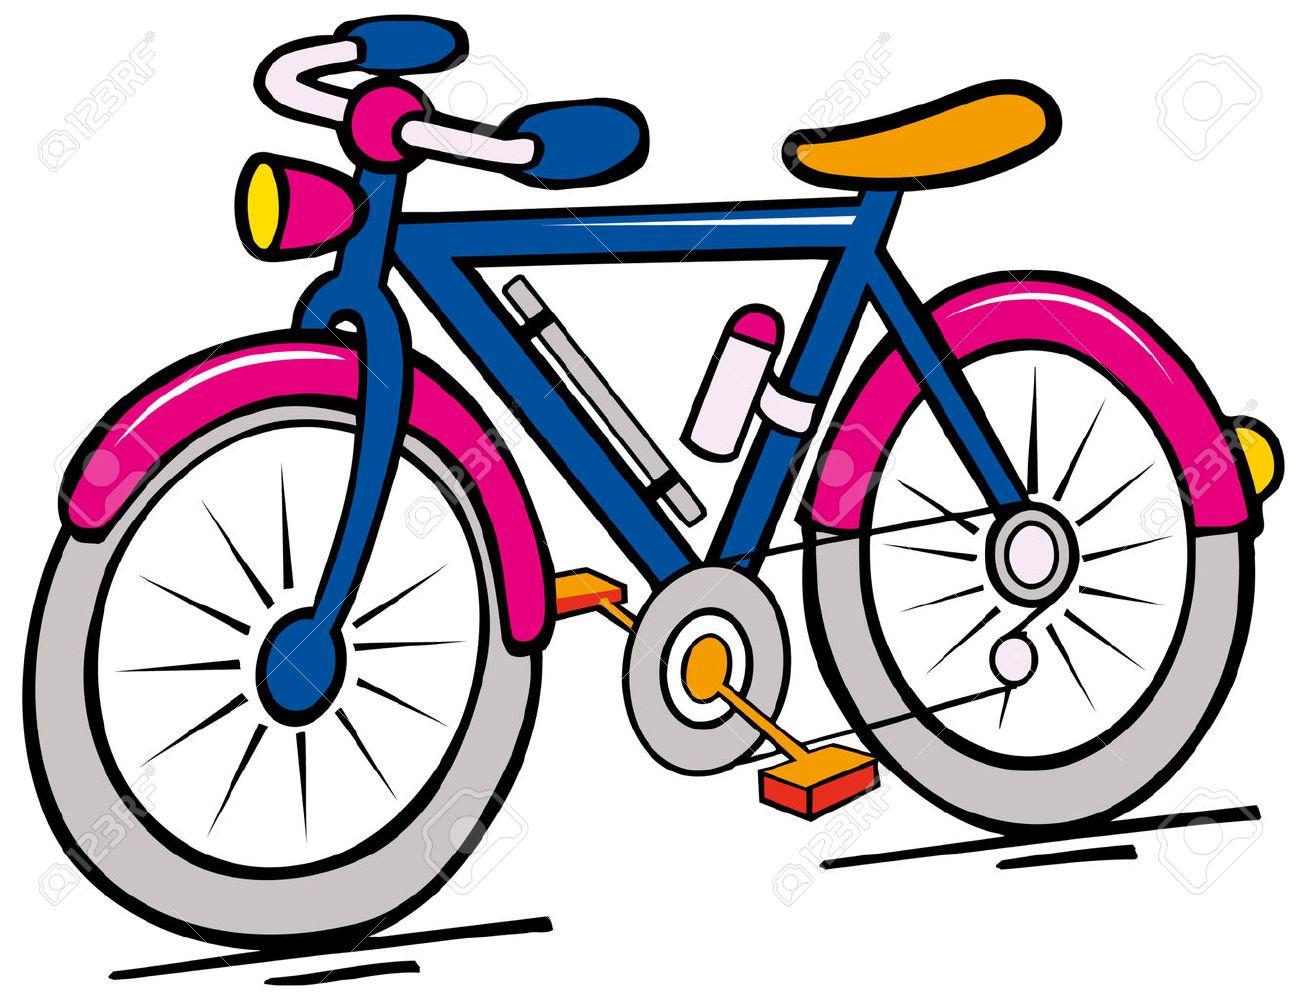 bike cartoon - 63220669